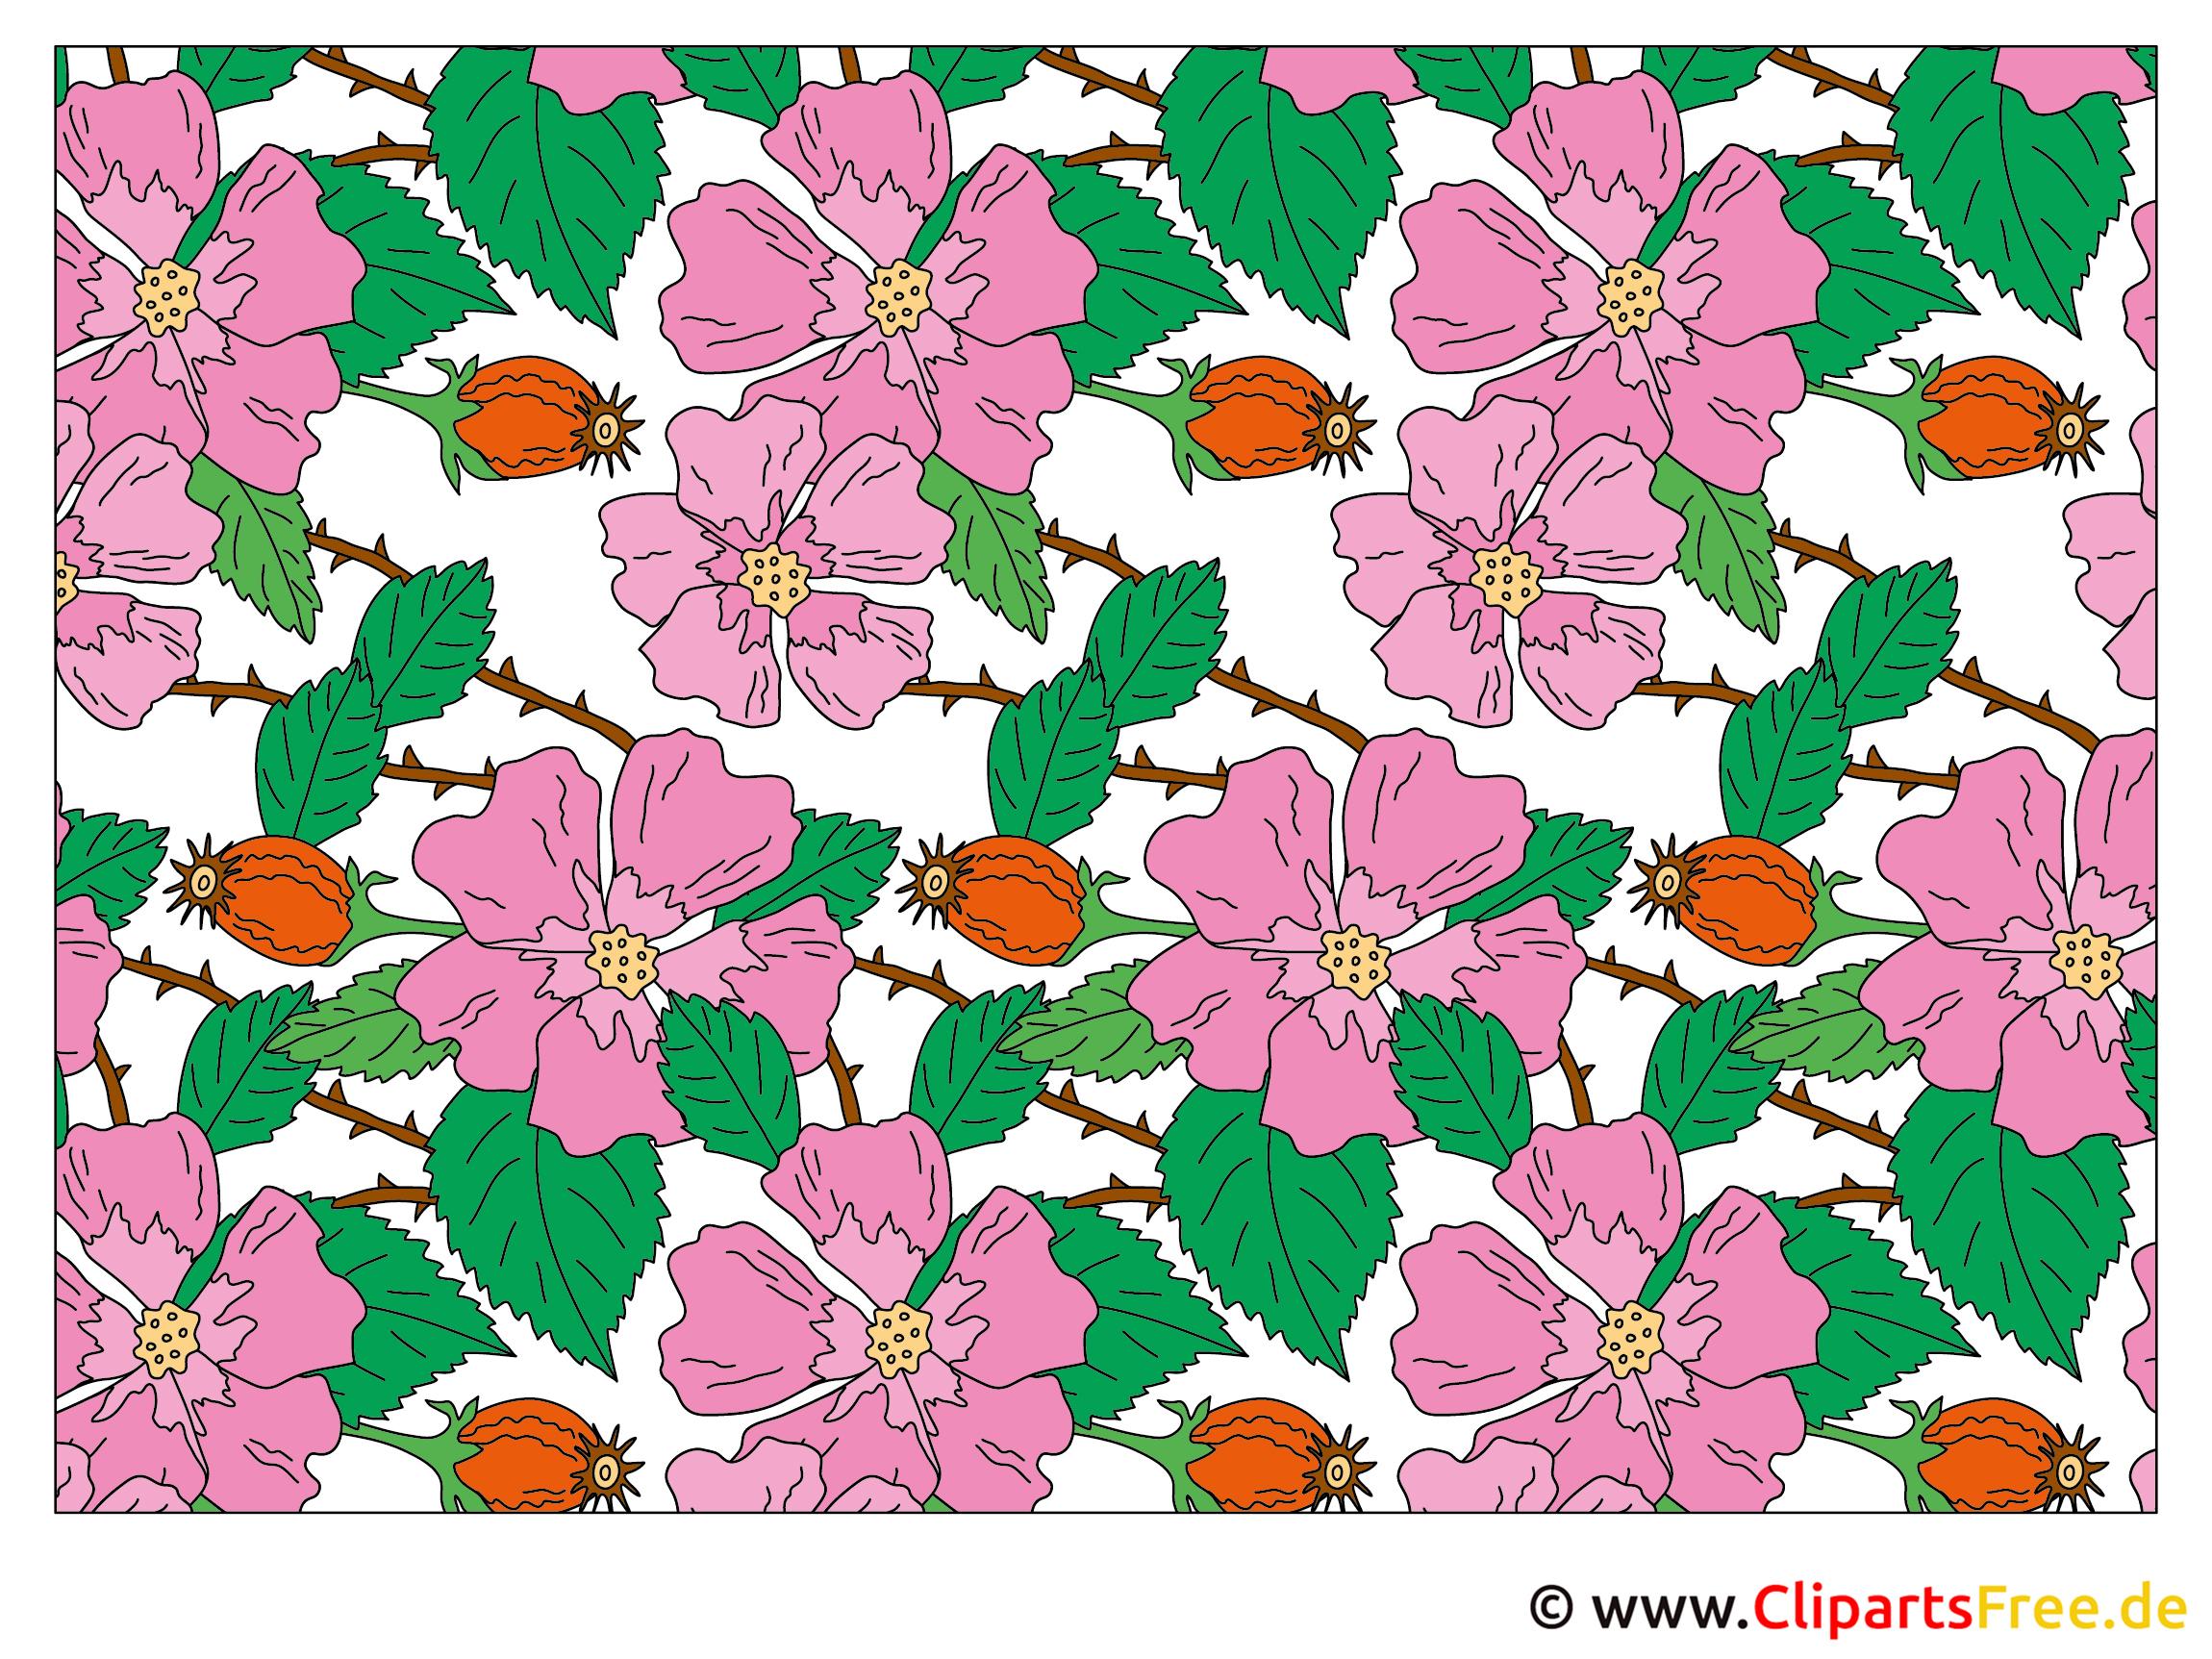 Blumenbilder Cliparts